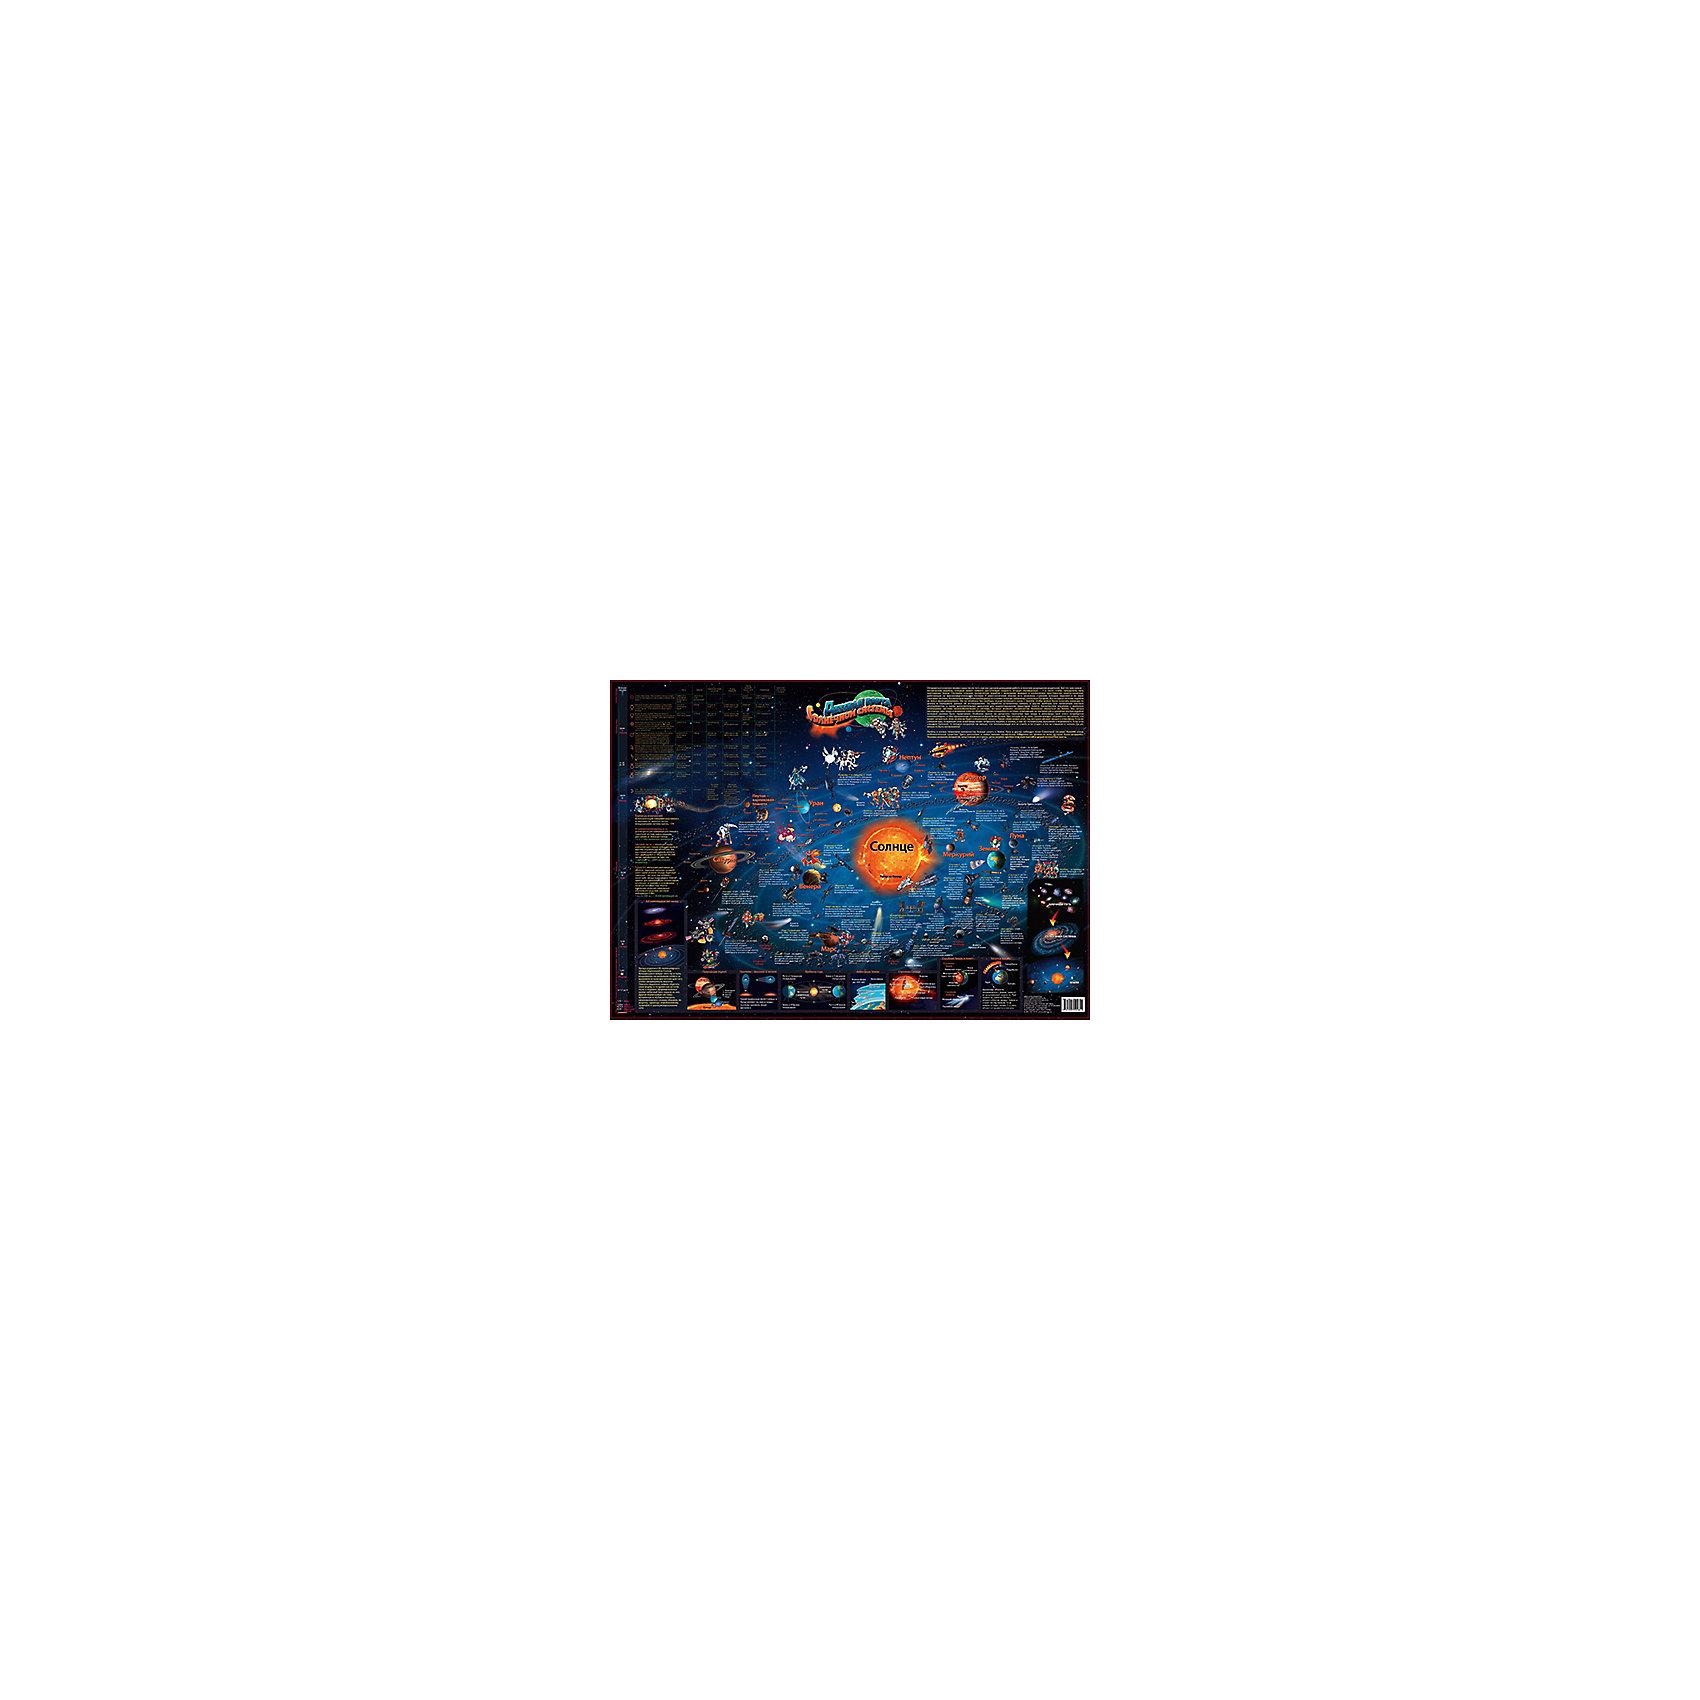 Карта солнечной системы для детей настенная 130 смПлакаты и карты<br>Карта солнечной системы для детей настенная 130 см<br><br>Характеристики:<br><br>• яркий дизайн<br>• упаковка: тубус<br>• размер карты: 137х97 см<br>• размер упаковки: 6,5х6,5х12,5 см<br>• вес: 150 грамм<br><br>Познание солнечной системы - увлекательное занятие, особенно для детей. Карта Солнечной Системы подойдет для комнаты ребенка. Глядя на нее, ребенок выучит интересные факты о космосе, планетах и звездах. Вся информация написана достаточно понятно для детского восприятия. Яркие картинки привлекут внимание, и ребенок с удовольствием будет изучать астрономию!<br><br>Карту солнечной системы для детей настенную 130 см вы можете купить в нашем интернет-магазине.<br><br>Ширина мм: 125<br>Глубина мм: 65<br>Высота мм: 65<br>Вес г: 150<br>Возраст от месяцев: 72<br>Возраст до месяцев: 108<br>Пол: Унисекс<br>Возраст: Детский<br>SKU: 5124685